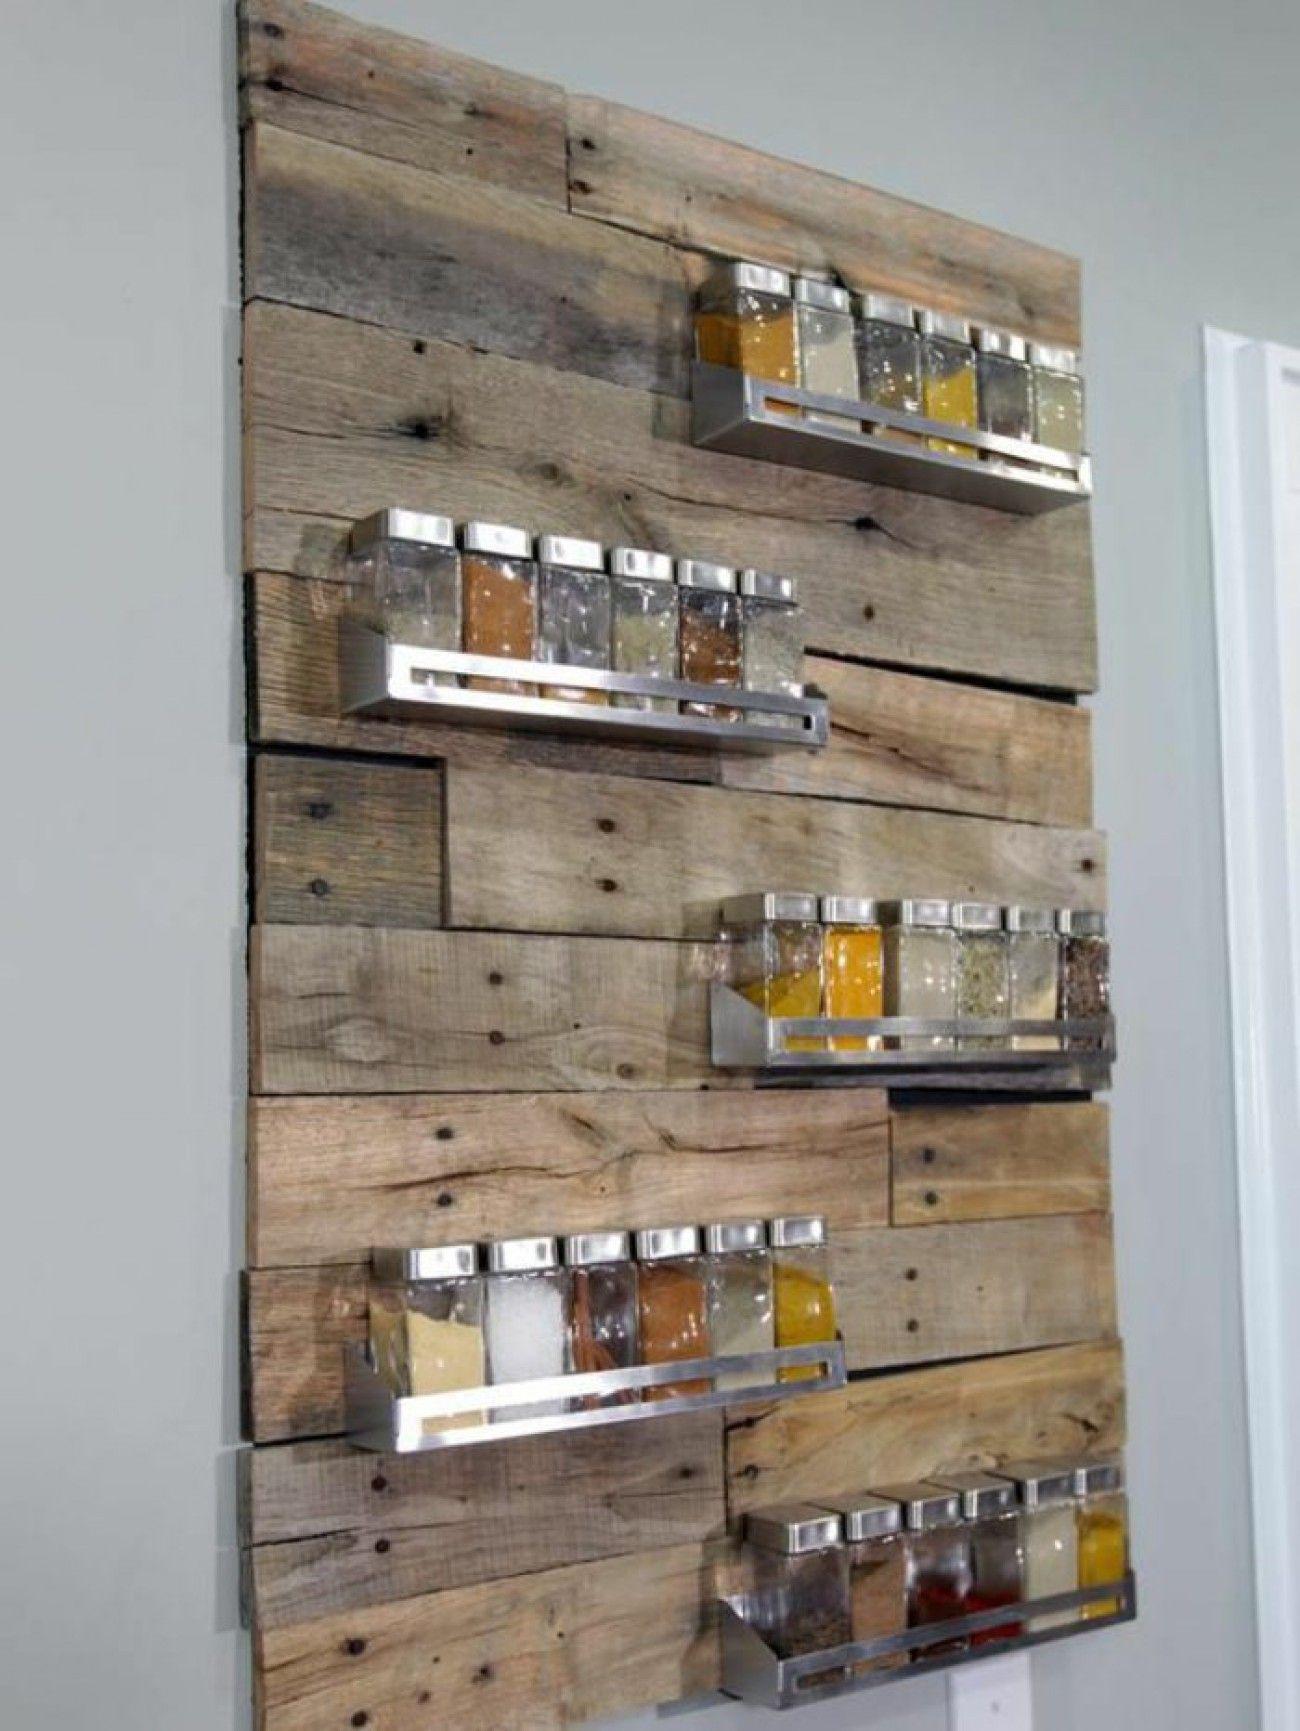 Full Size of Küche Kaufen Ikea Betten Bei 160x200 Miniküche Kosten Sofa Mit Schlaffunktion Modulküche Wohnzimmer Küchenregal Ikea